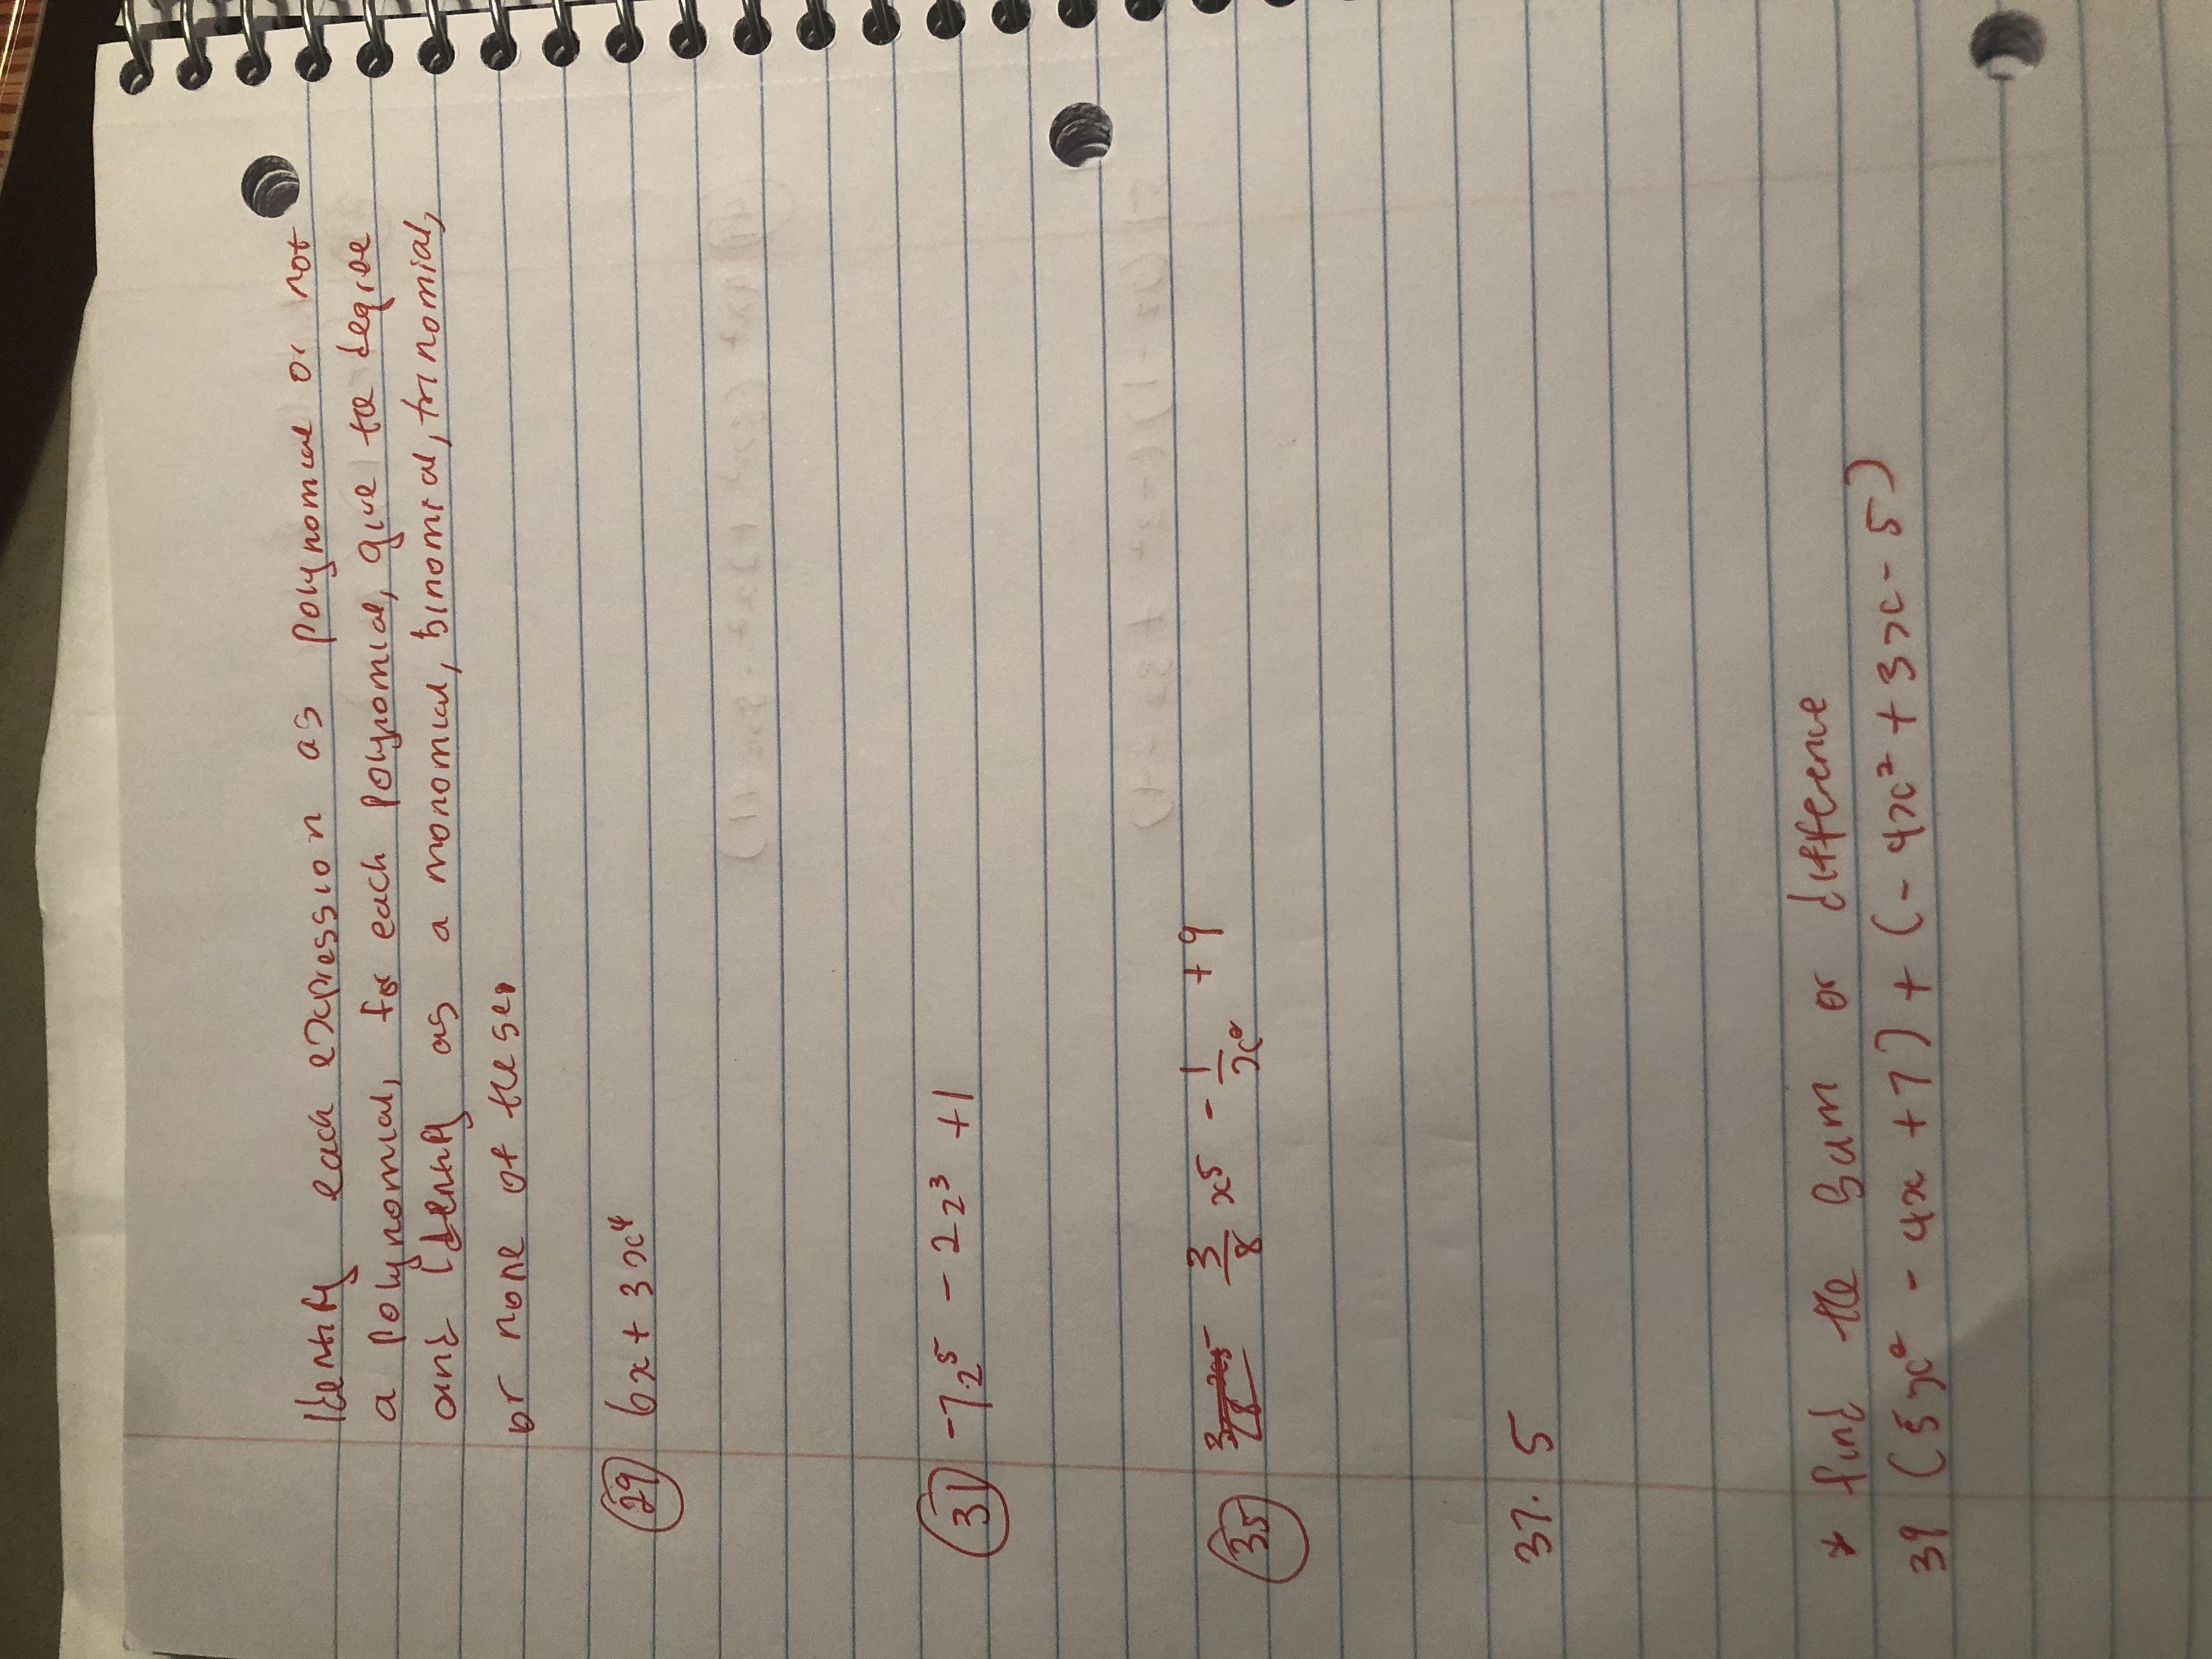 leentife a lolynomal, each e7pressco as poynomcul or not for each poynomial, quue ta degrae a monomud, binomr al trinomial, on 2962+304 3/-725-223 +1 49 1.5 * find te Bum 39 C570-4x +7)+ (-47c +37c-5) or diffeence (8-225+-202ch-)+(+c